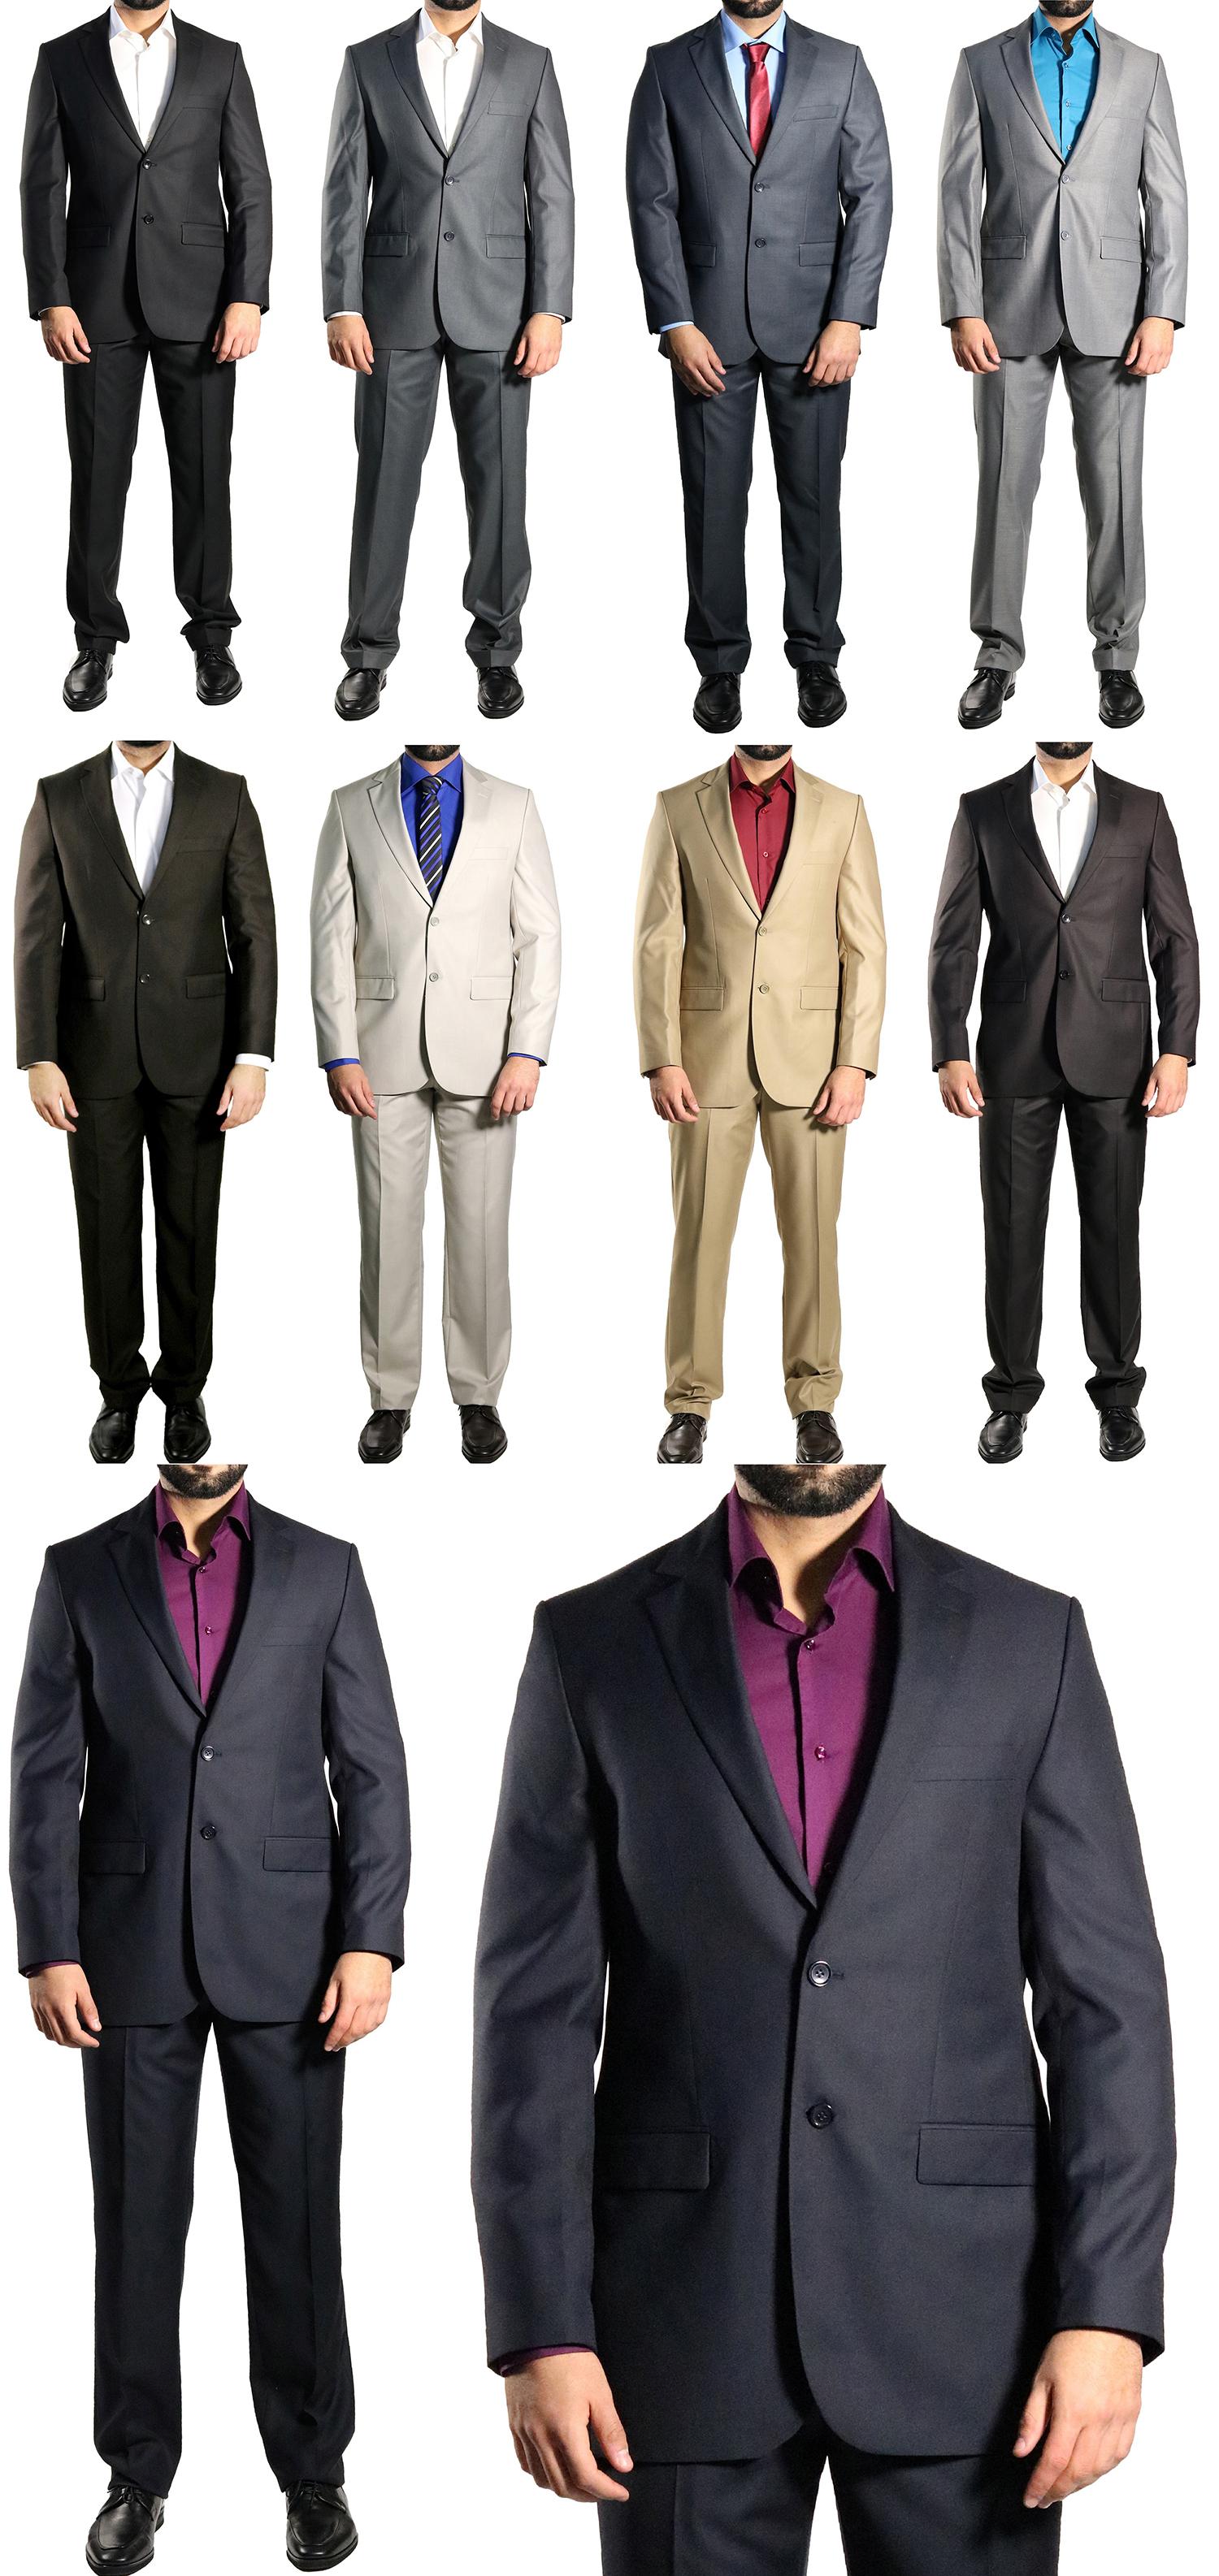 130 muga herren anzug slim fit gr 54 dunkelblau ebay. Black Bedroom Furniture Sets. Home Design Ideas